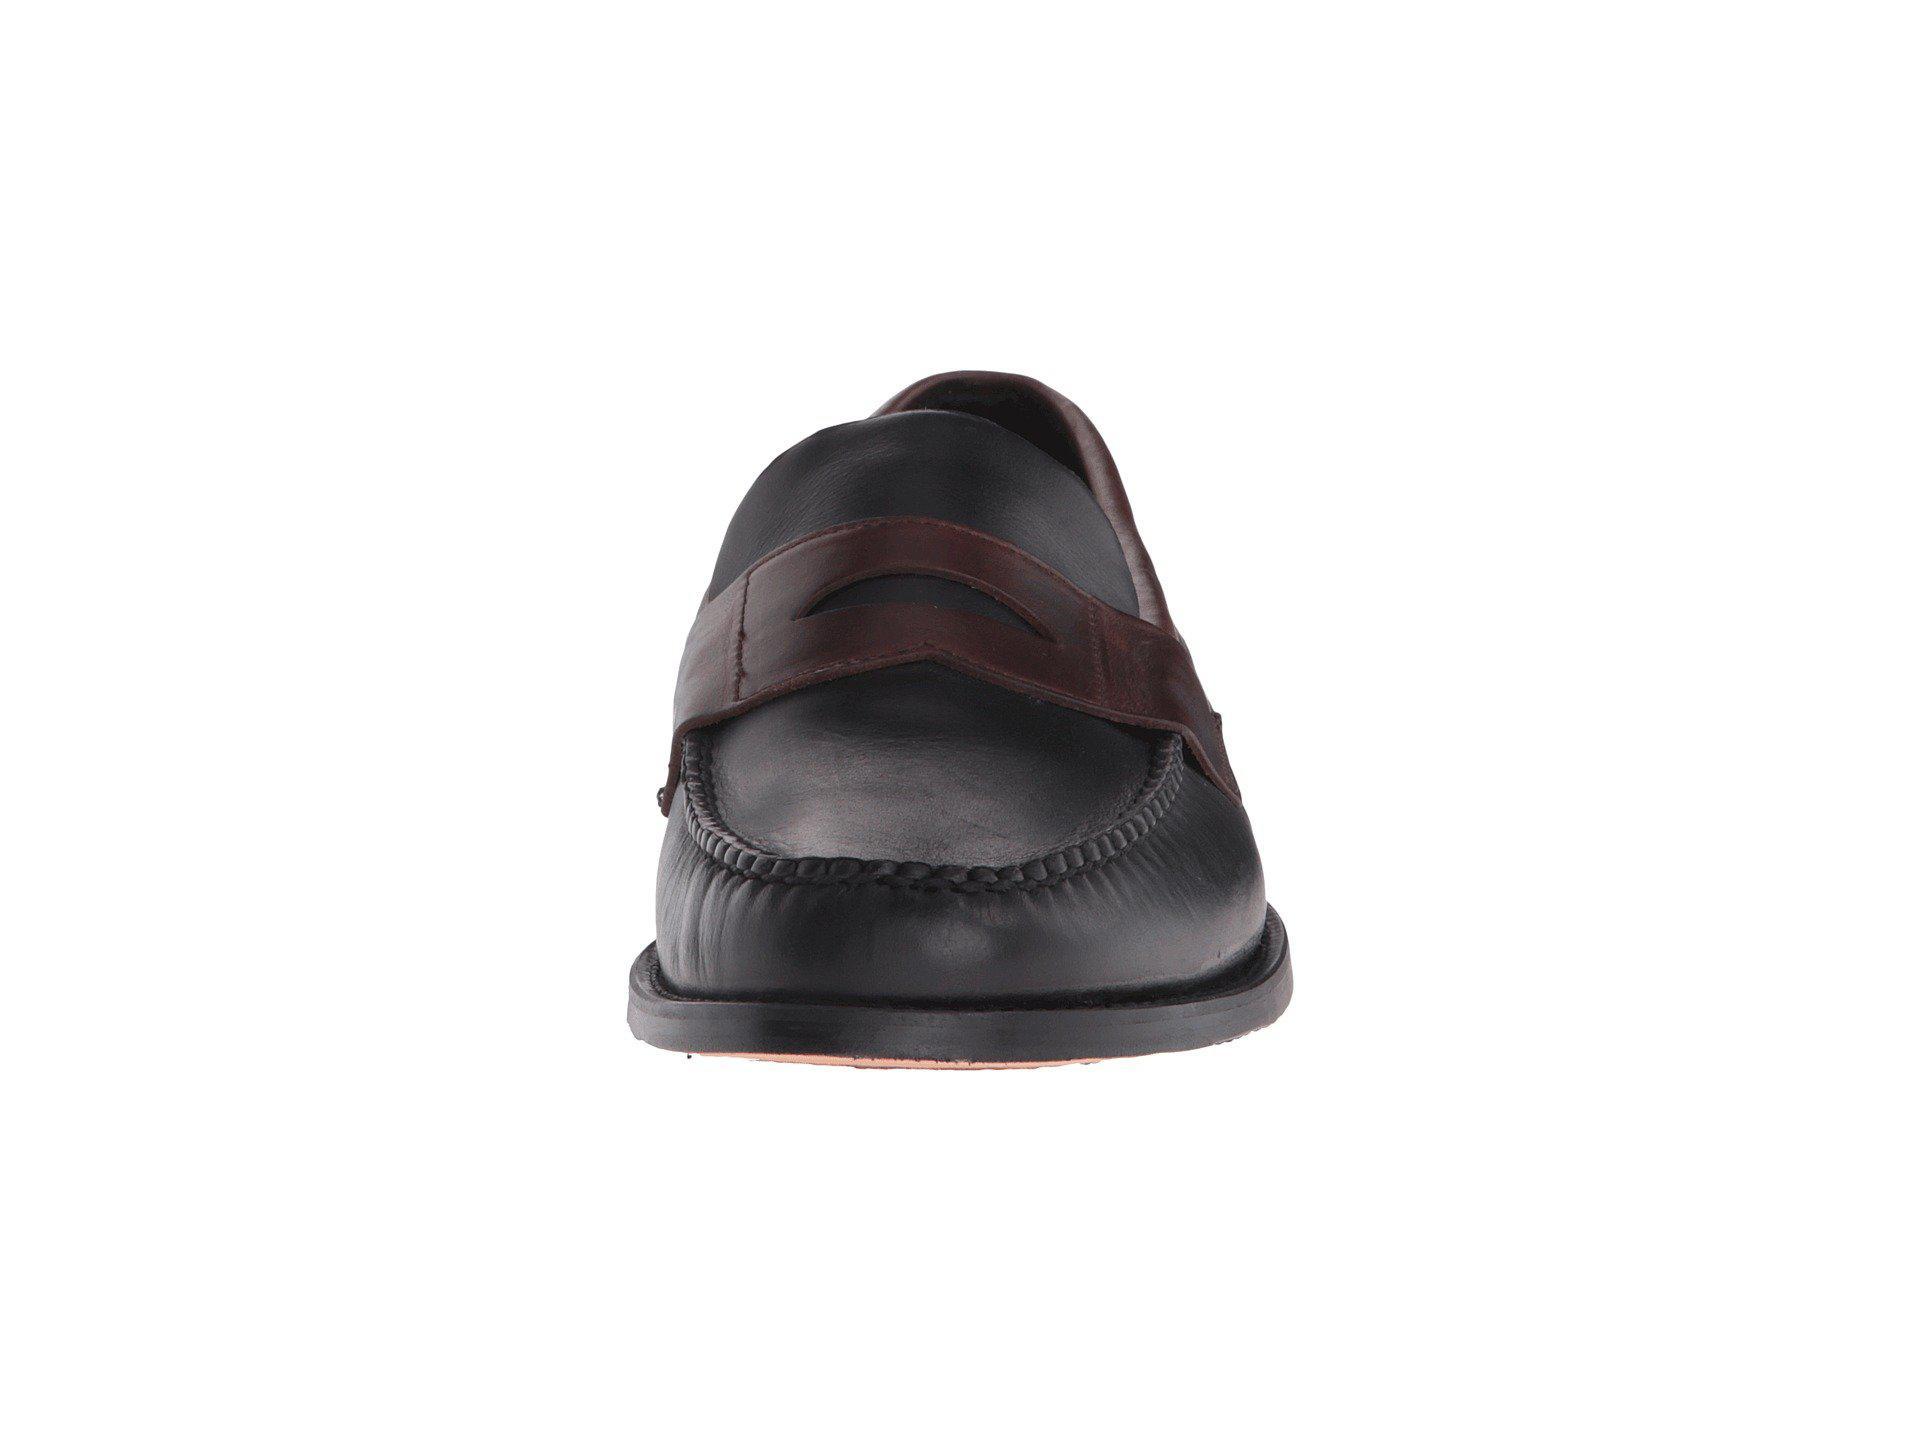 7dffaf41592 Lyst - Sebago Heritage Penny in Brown for Men